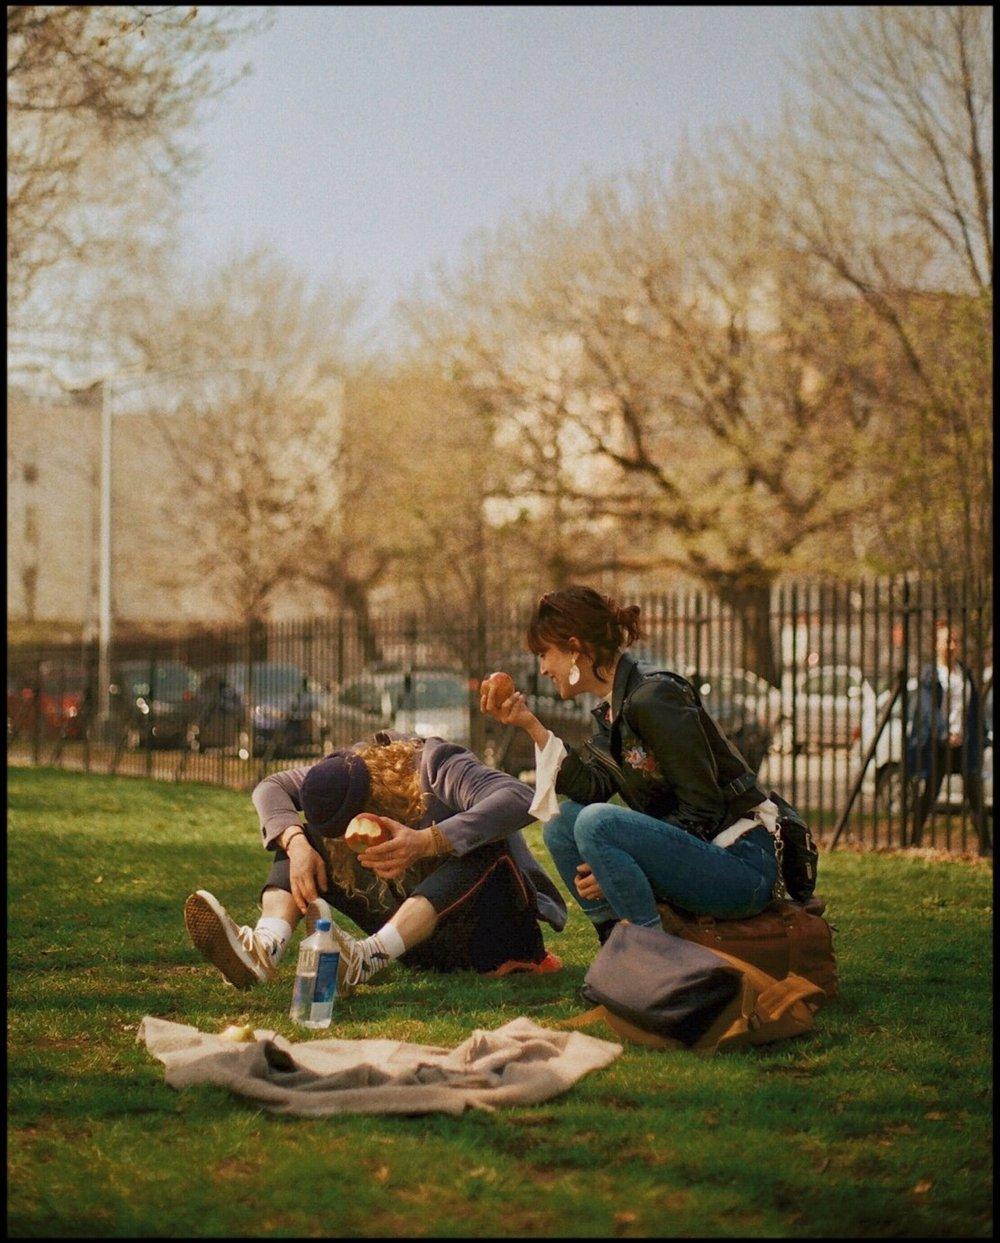 Allen and Tara Stone. Brooklyn, NY April 2018